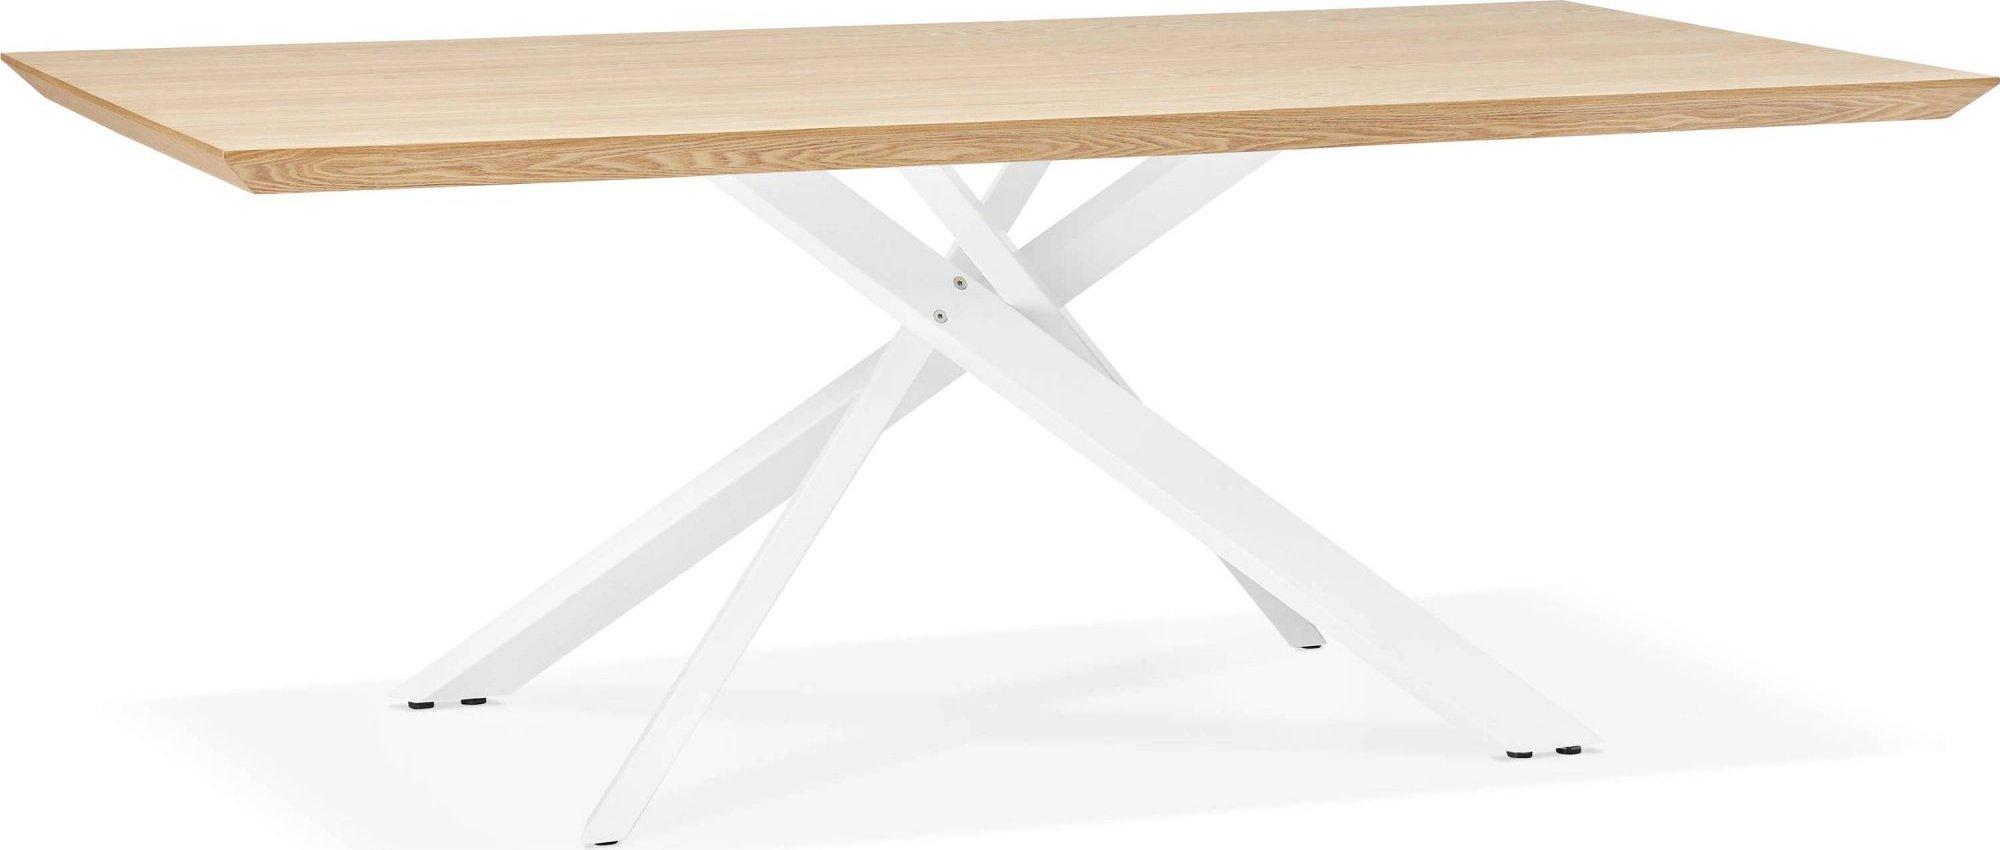 Table a diner plateau bois clair pieds blanc 8 places l200cm